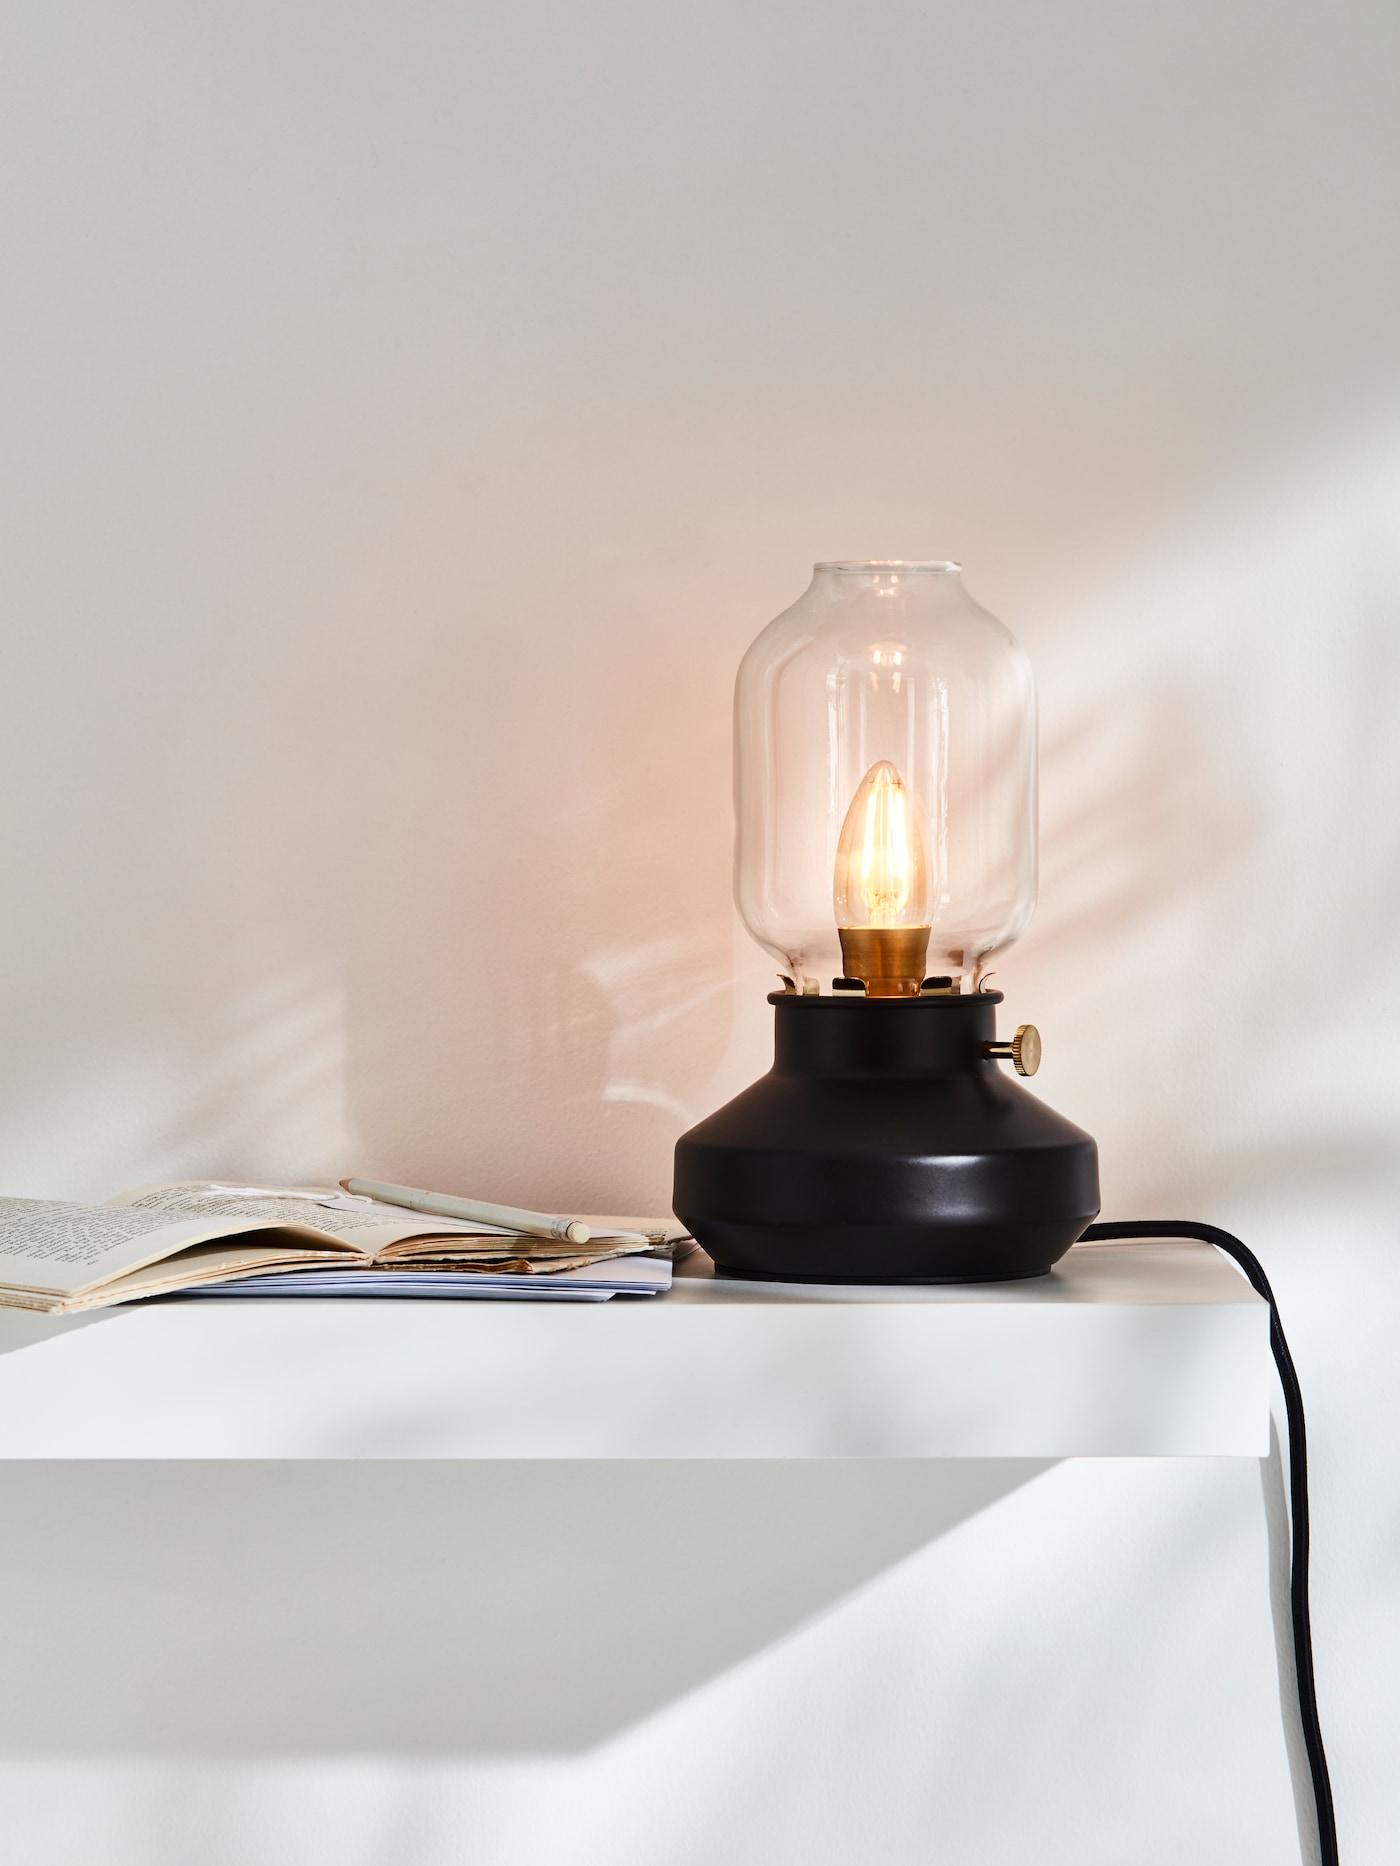 Светильник, выполненный в форме старинного подсвечника, стоит на белой полке рядом с открытой книгой.